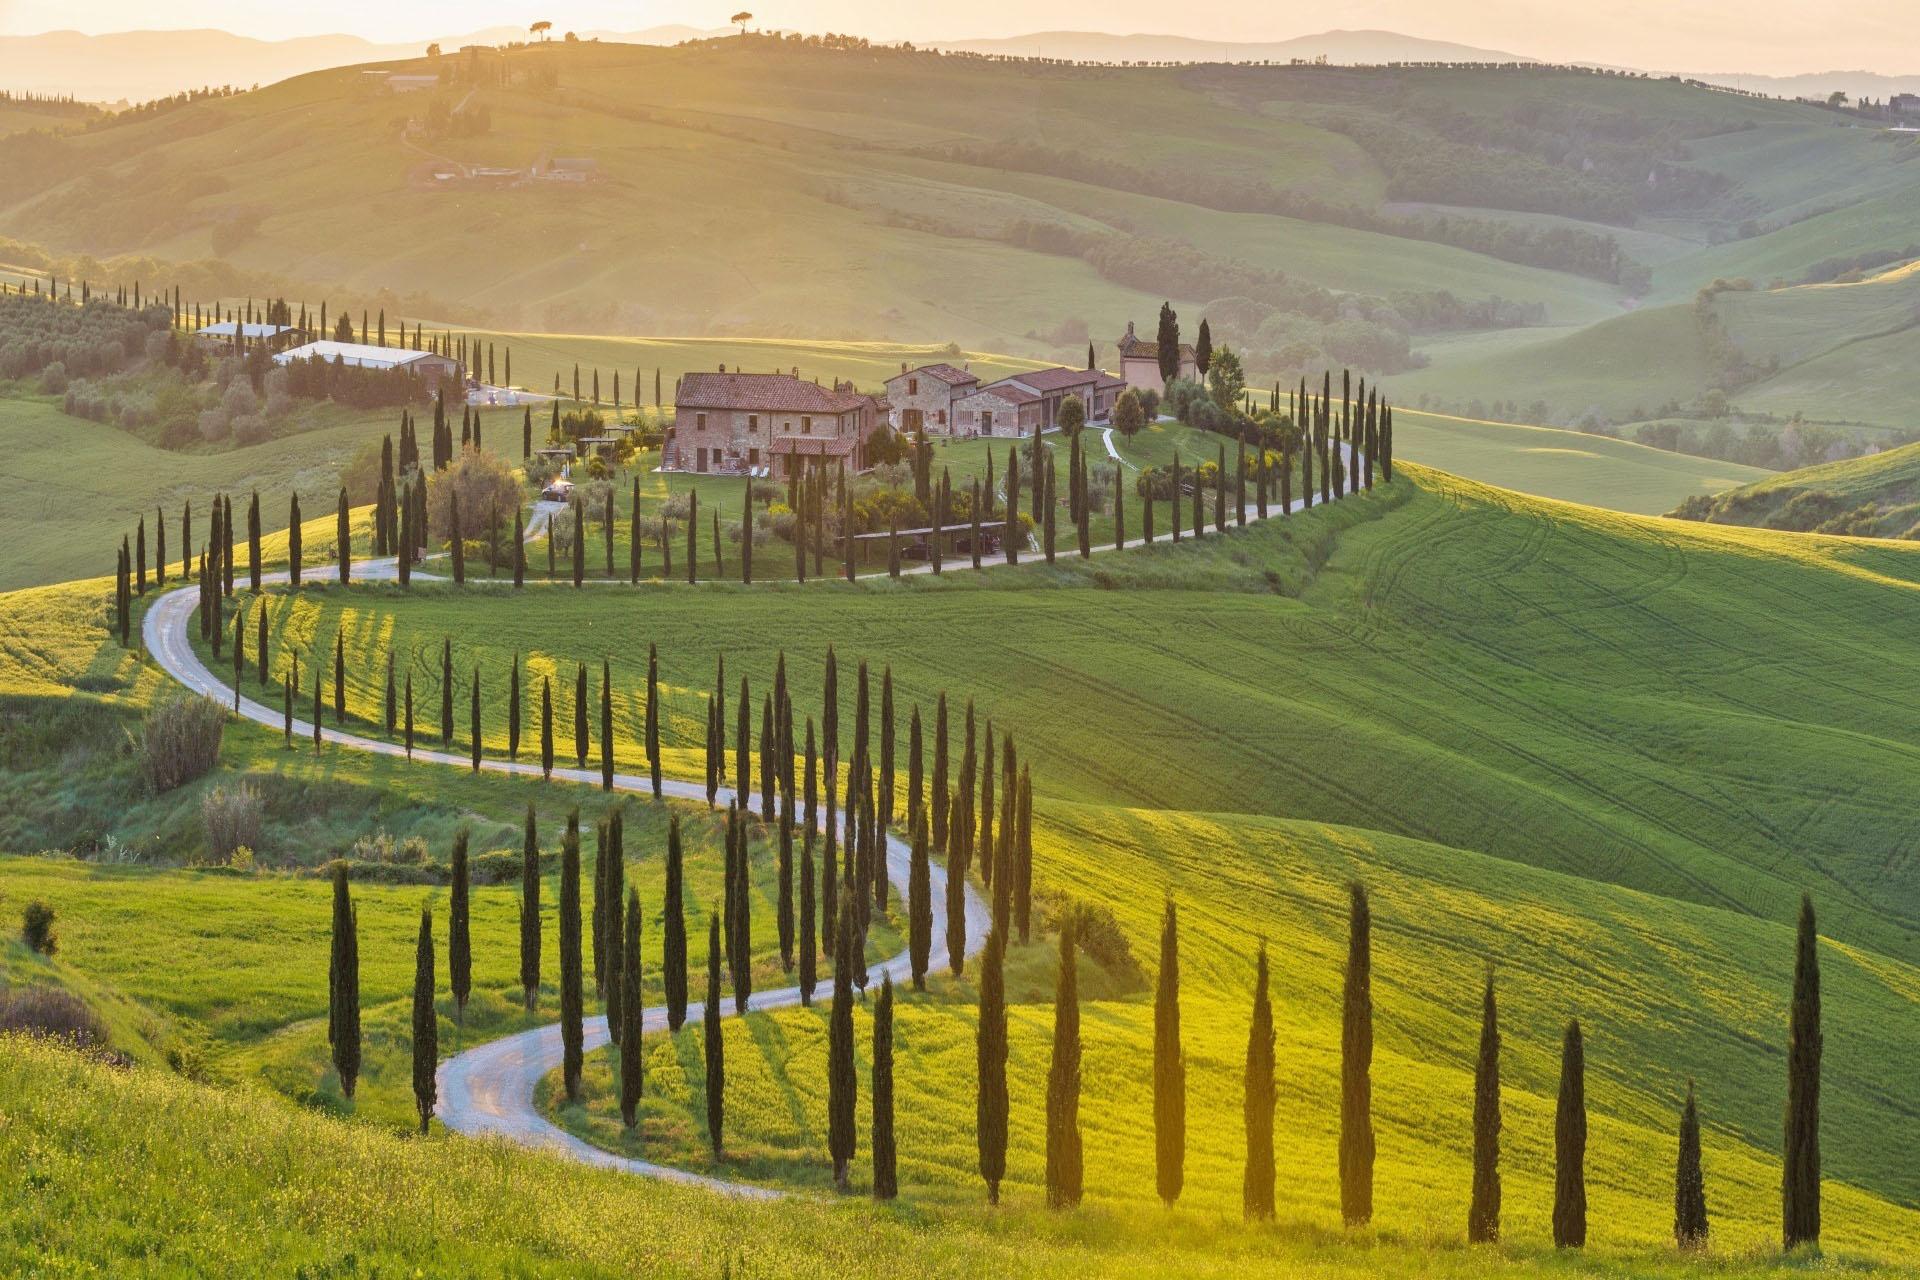 春のイタリア イタリアの田園風景 イタリアの風景